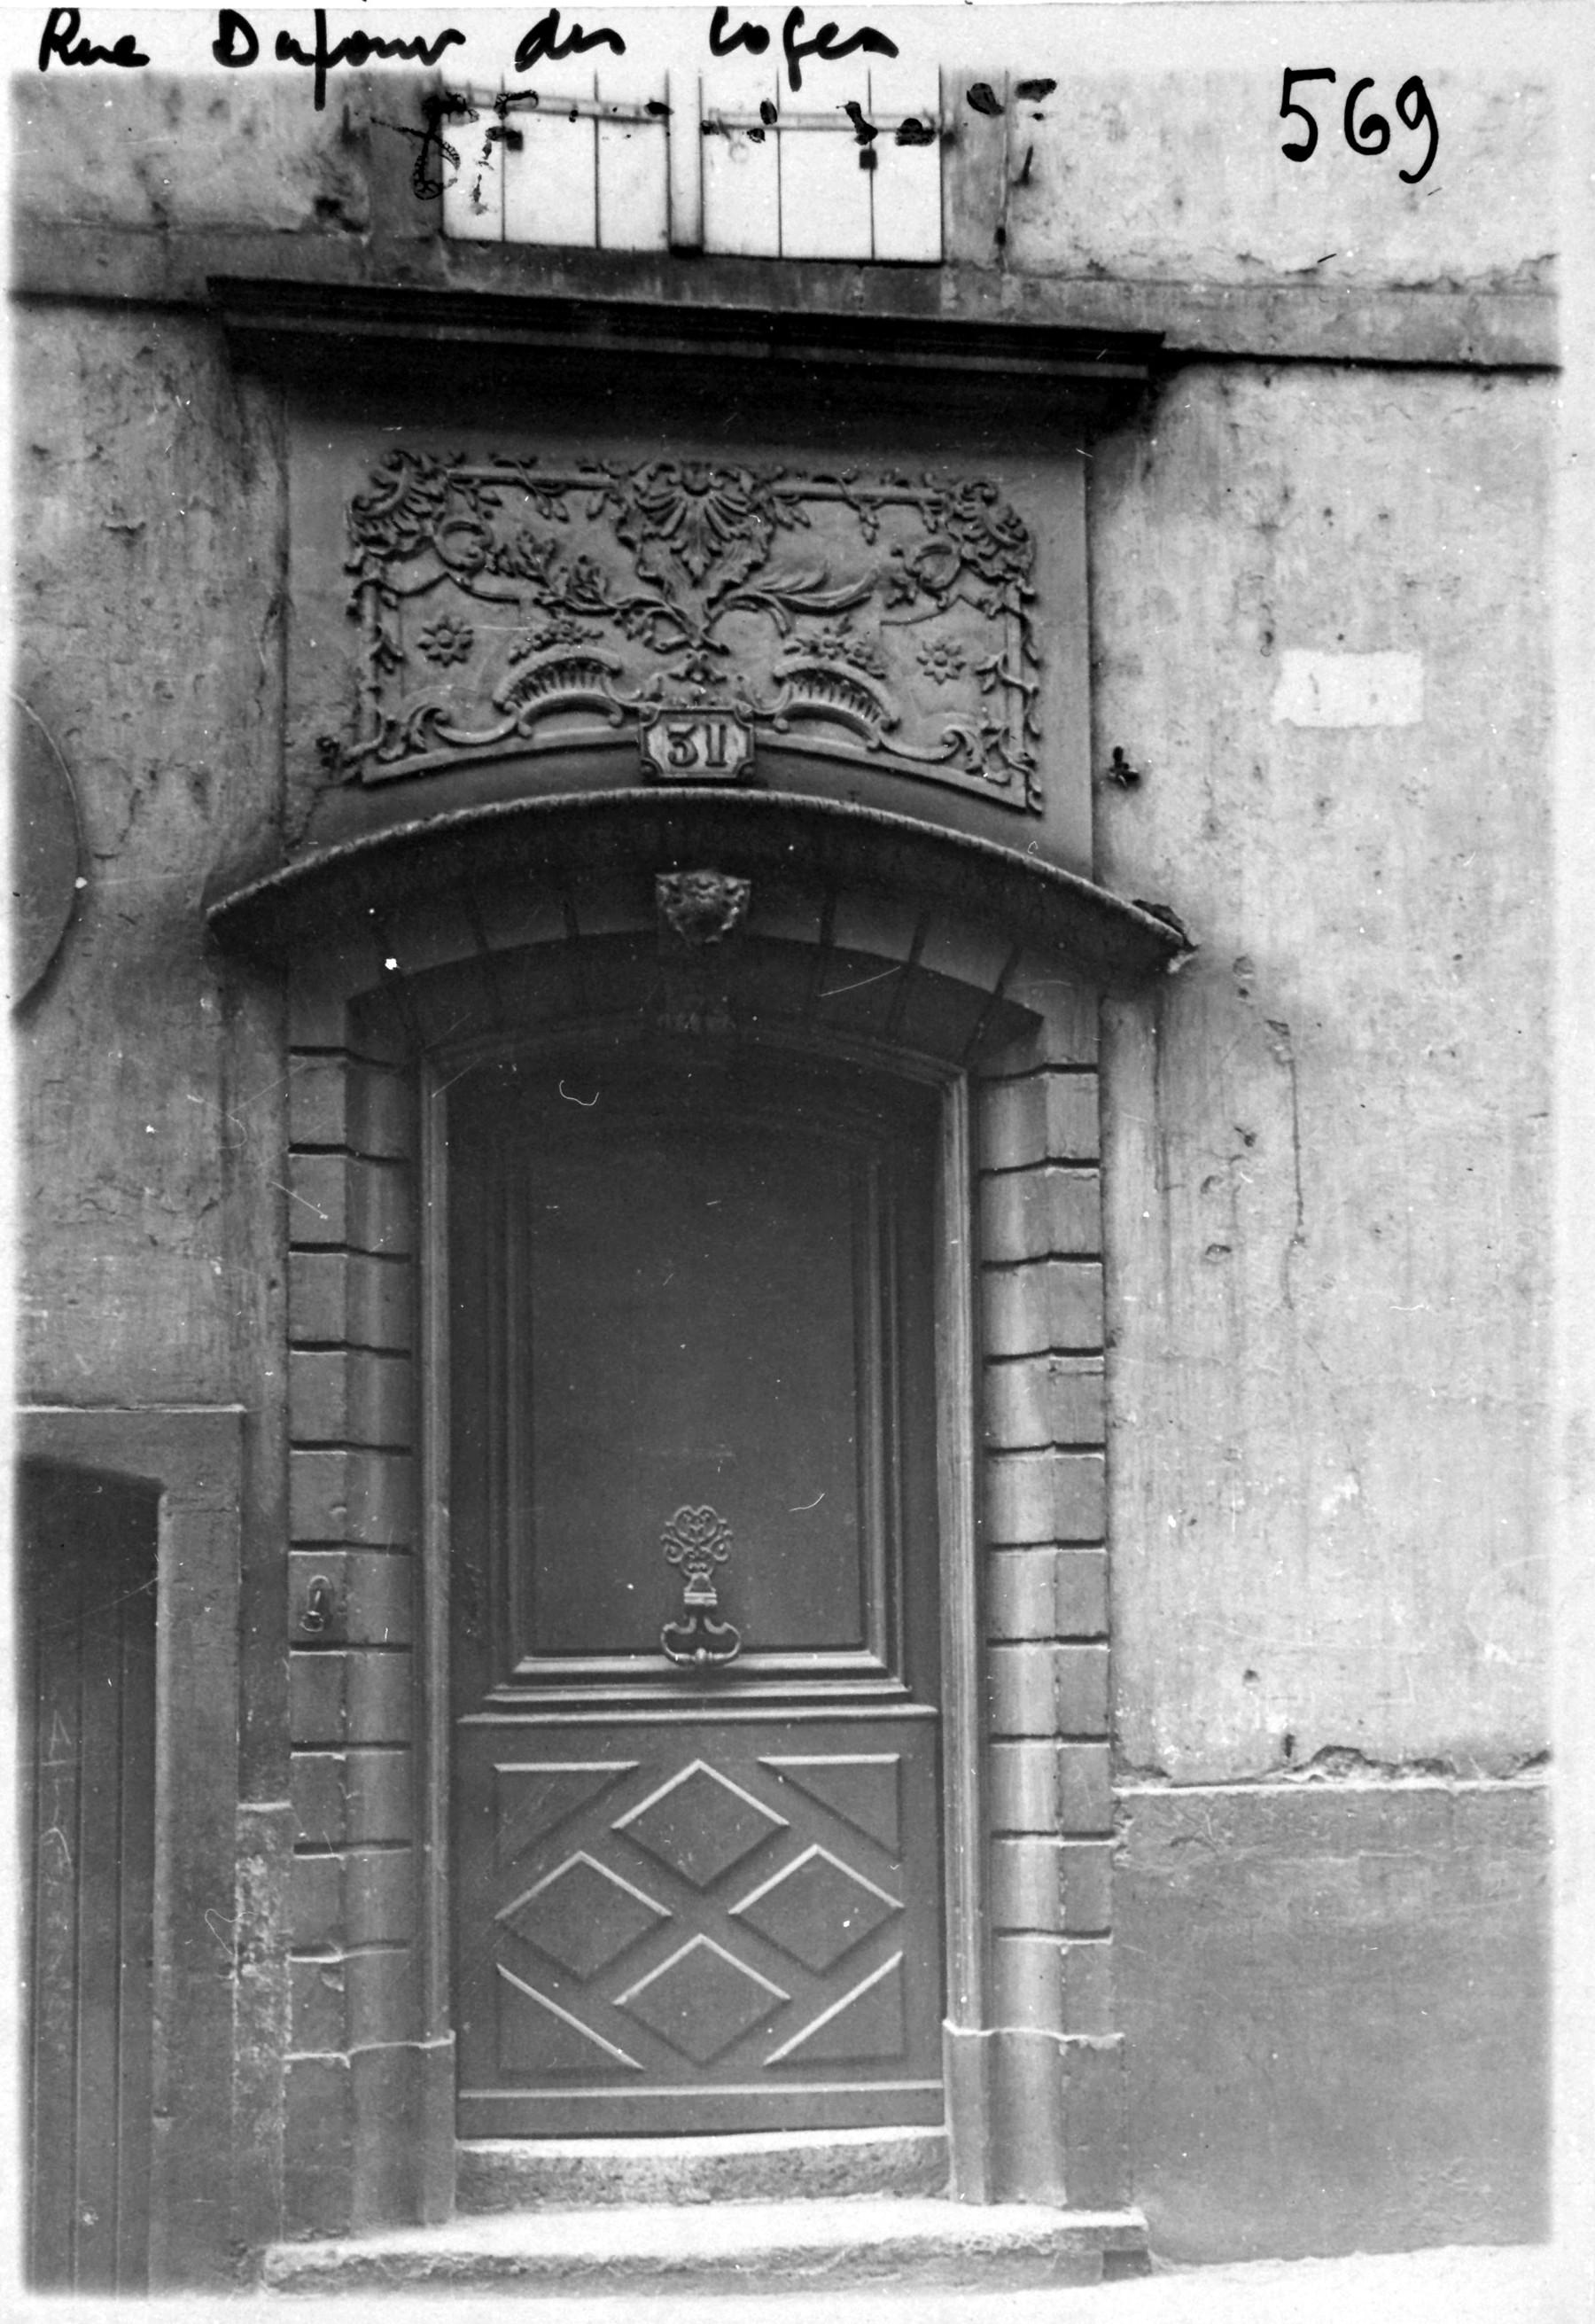 Contenu du Porte rue Dupont des Loges